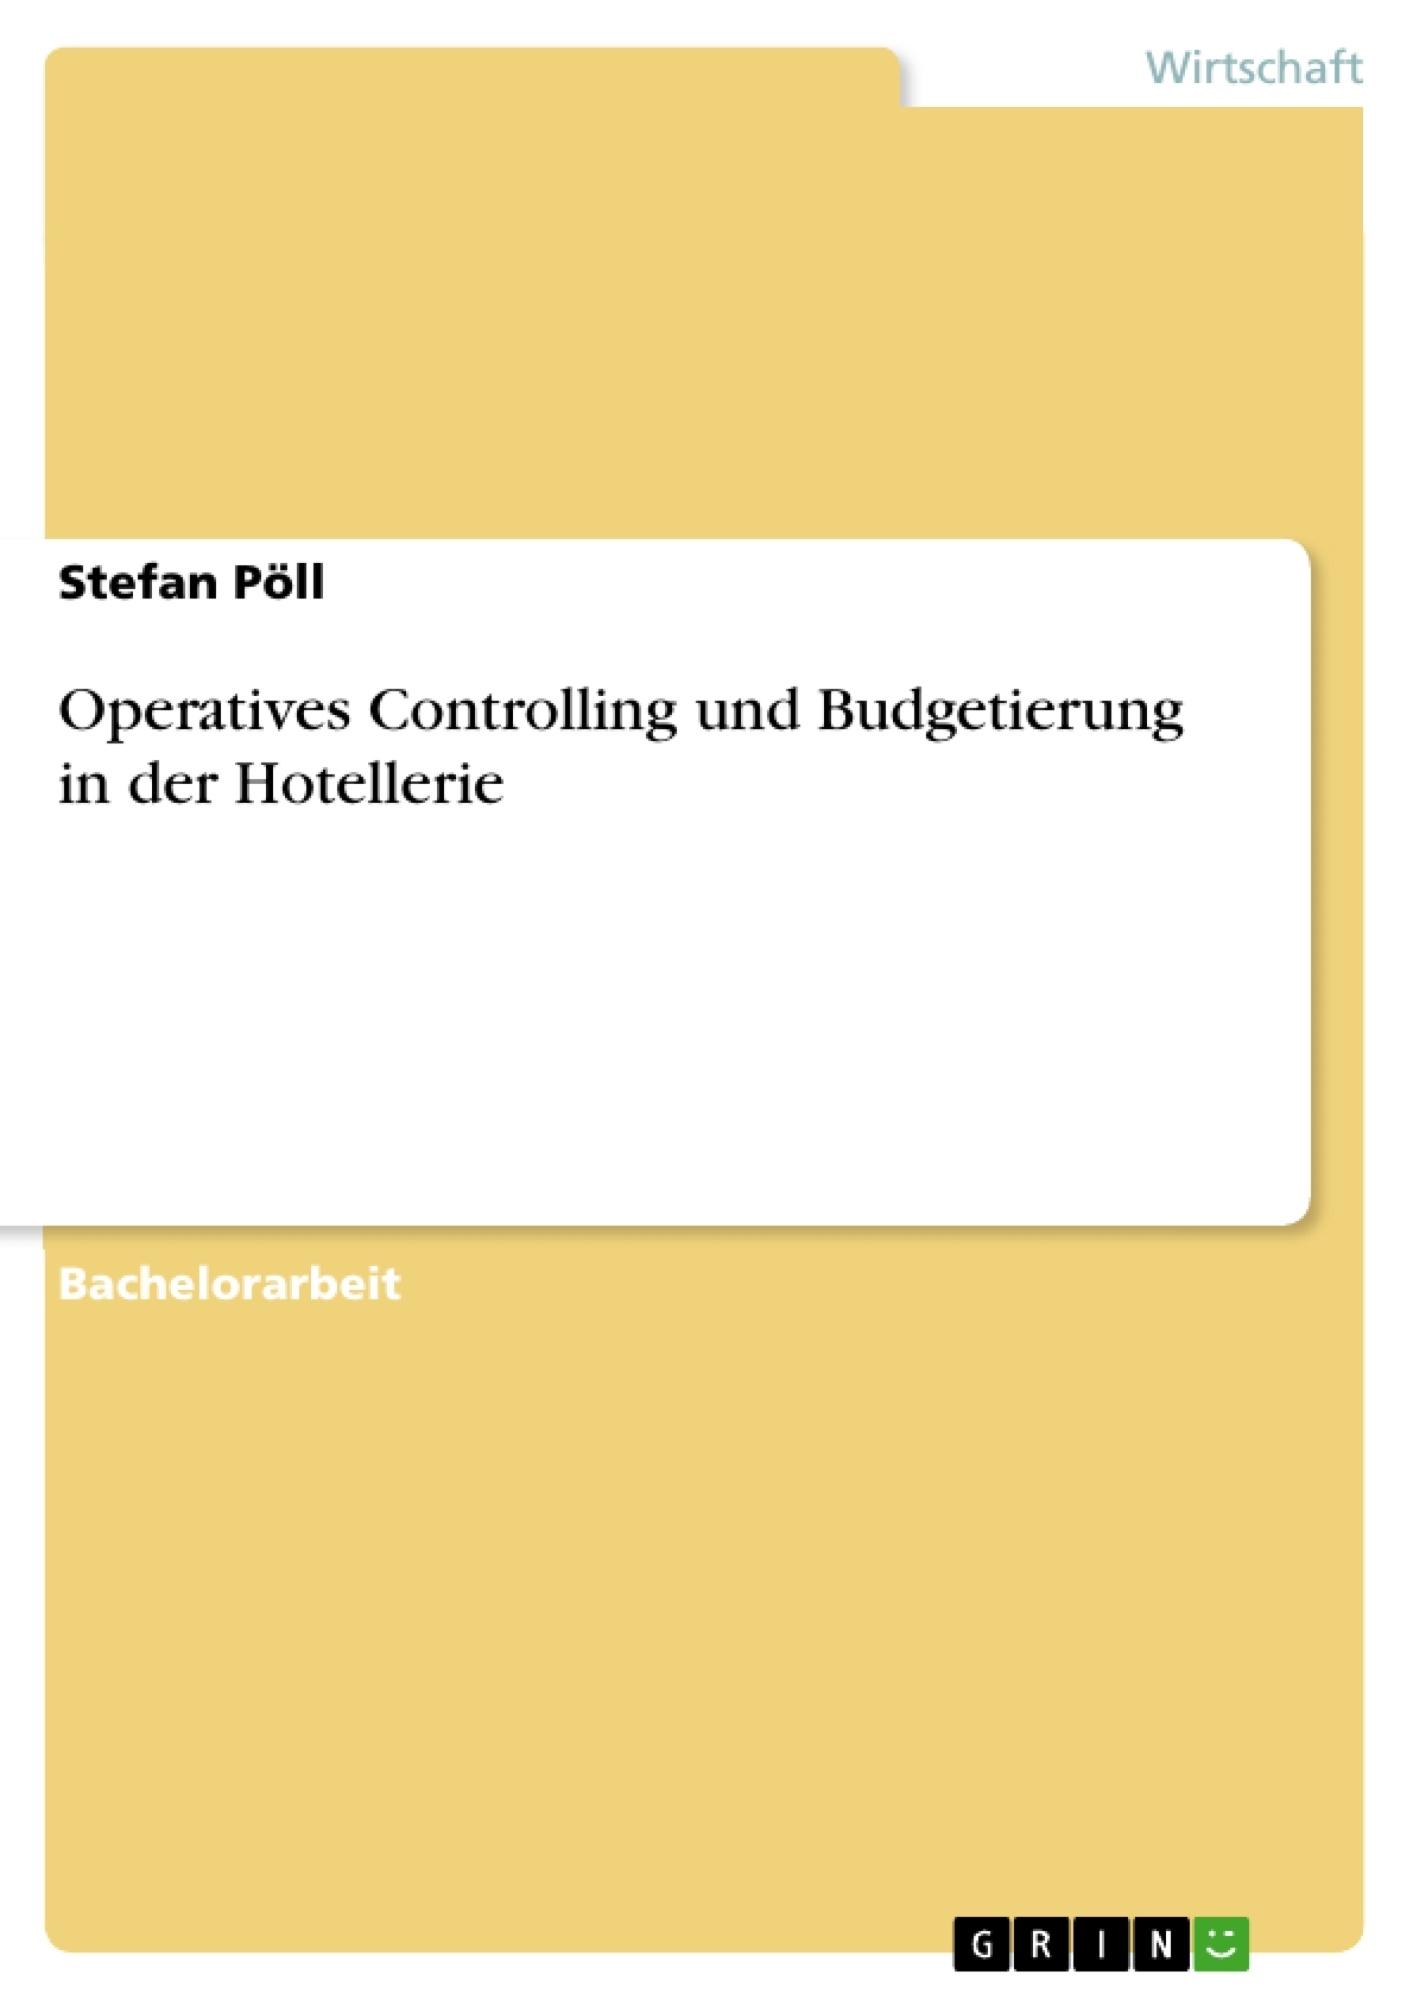 Titel: Operatives Controlling und Budgetierung in der Hotellerie